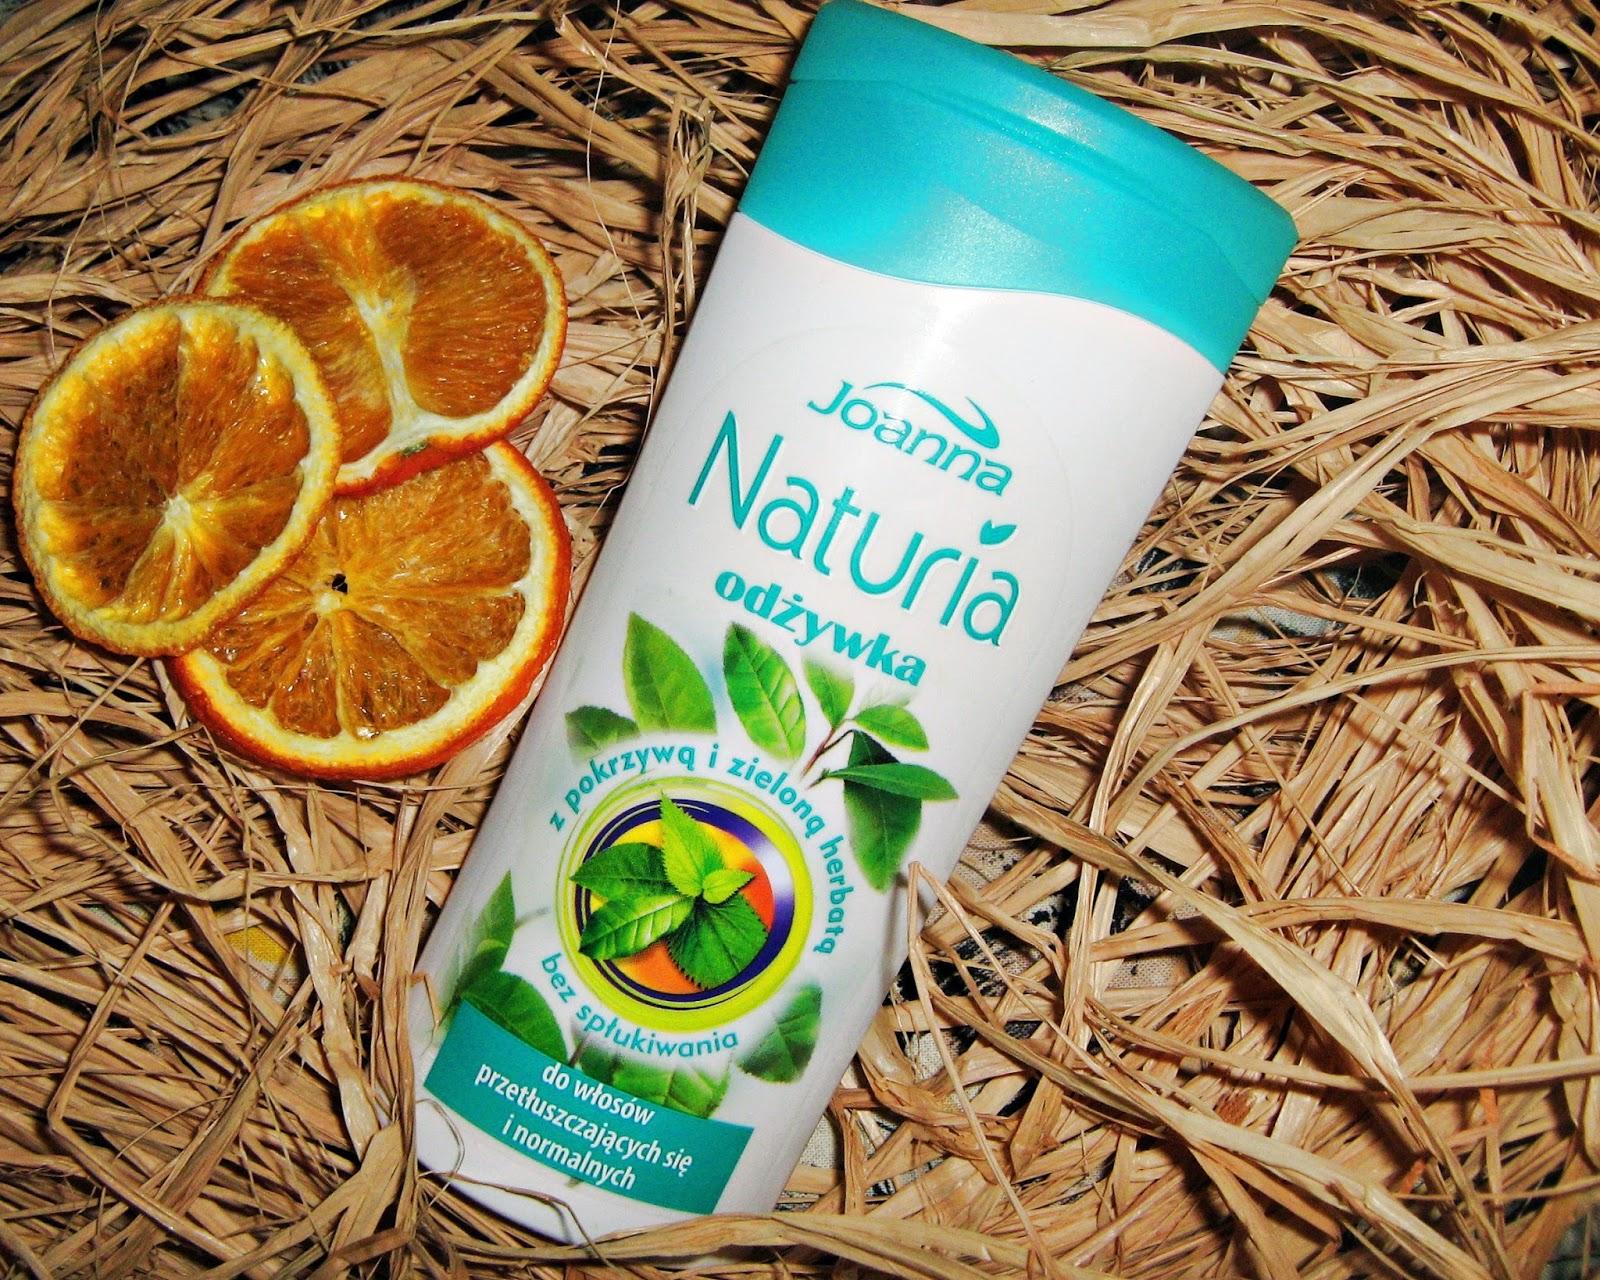 Joanna Naturia - Odżywka z pokrzywą i zieloną herbatą